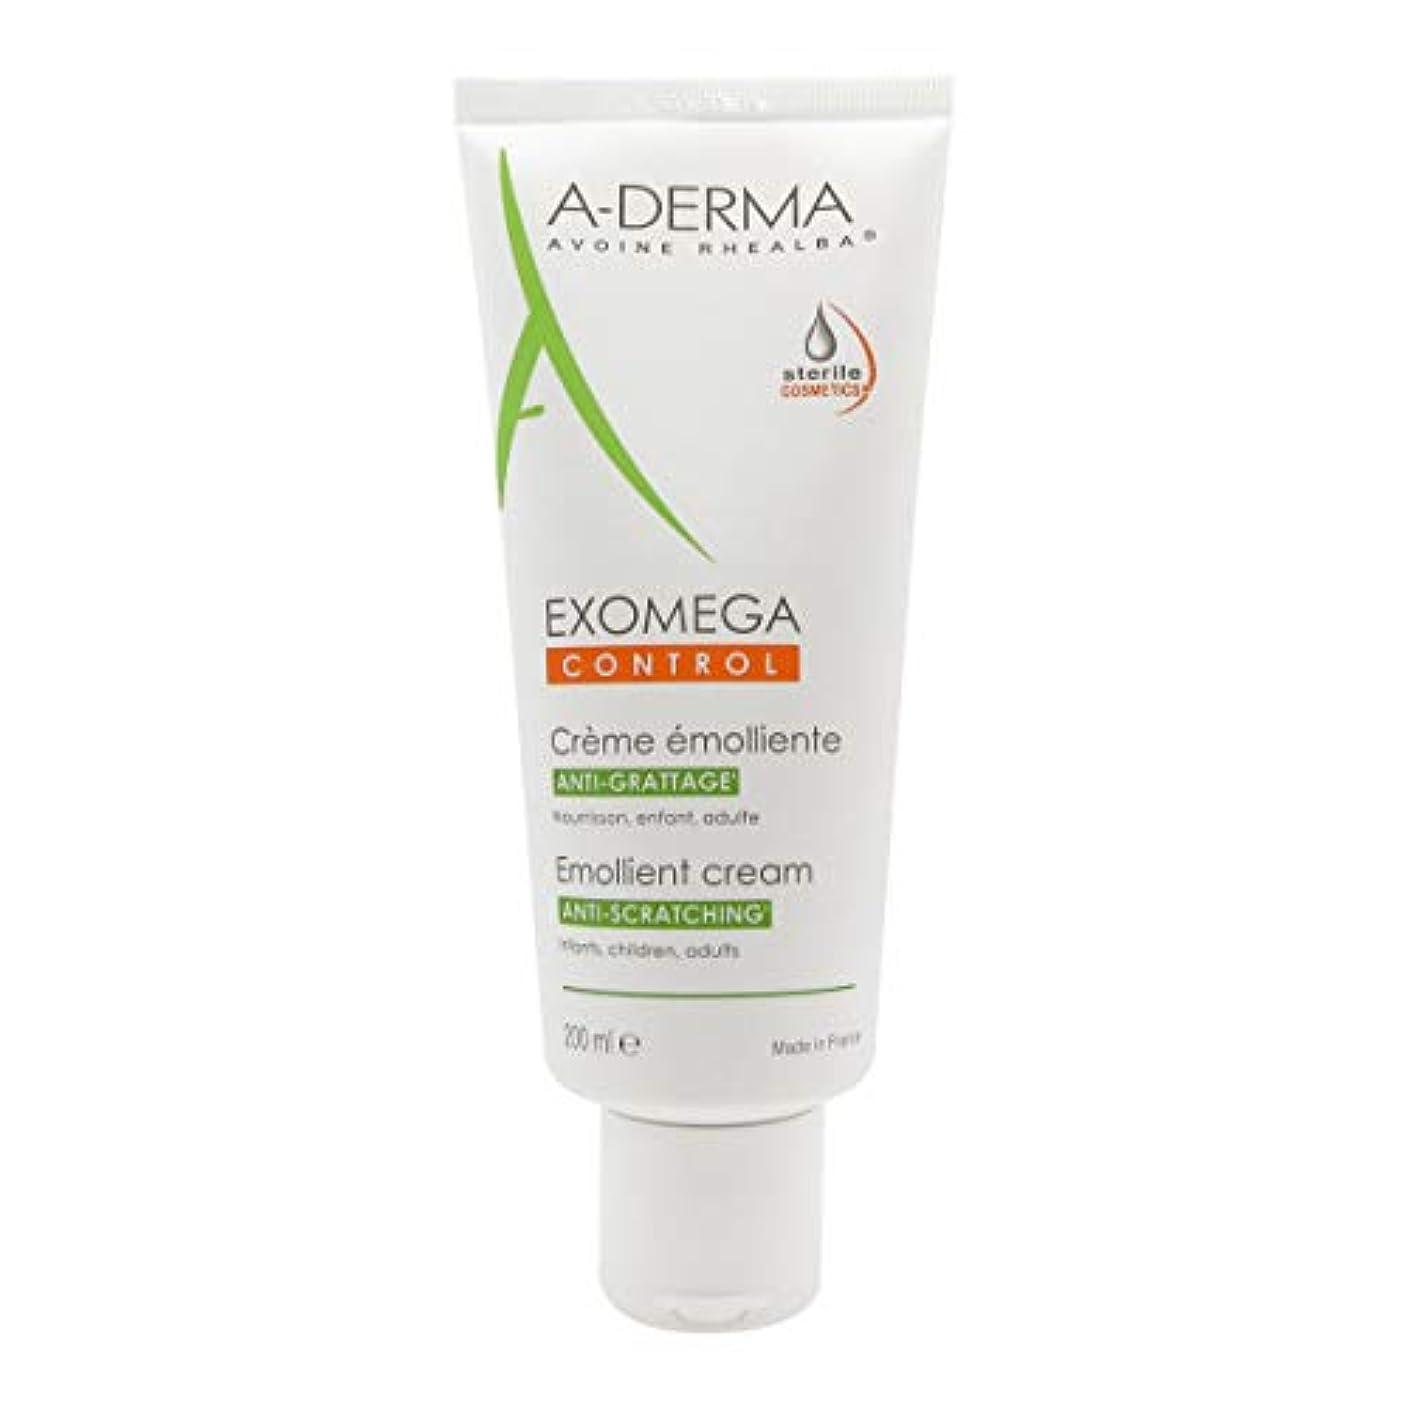 砂漠素朴なアプローチA-derma Exomega Control Emollient Cream 200ml [並行輸入品]